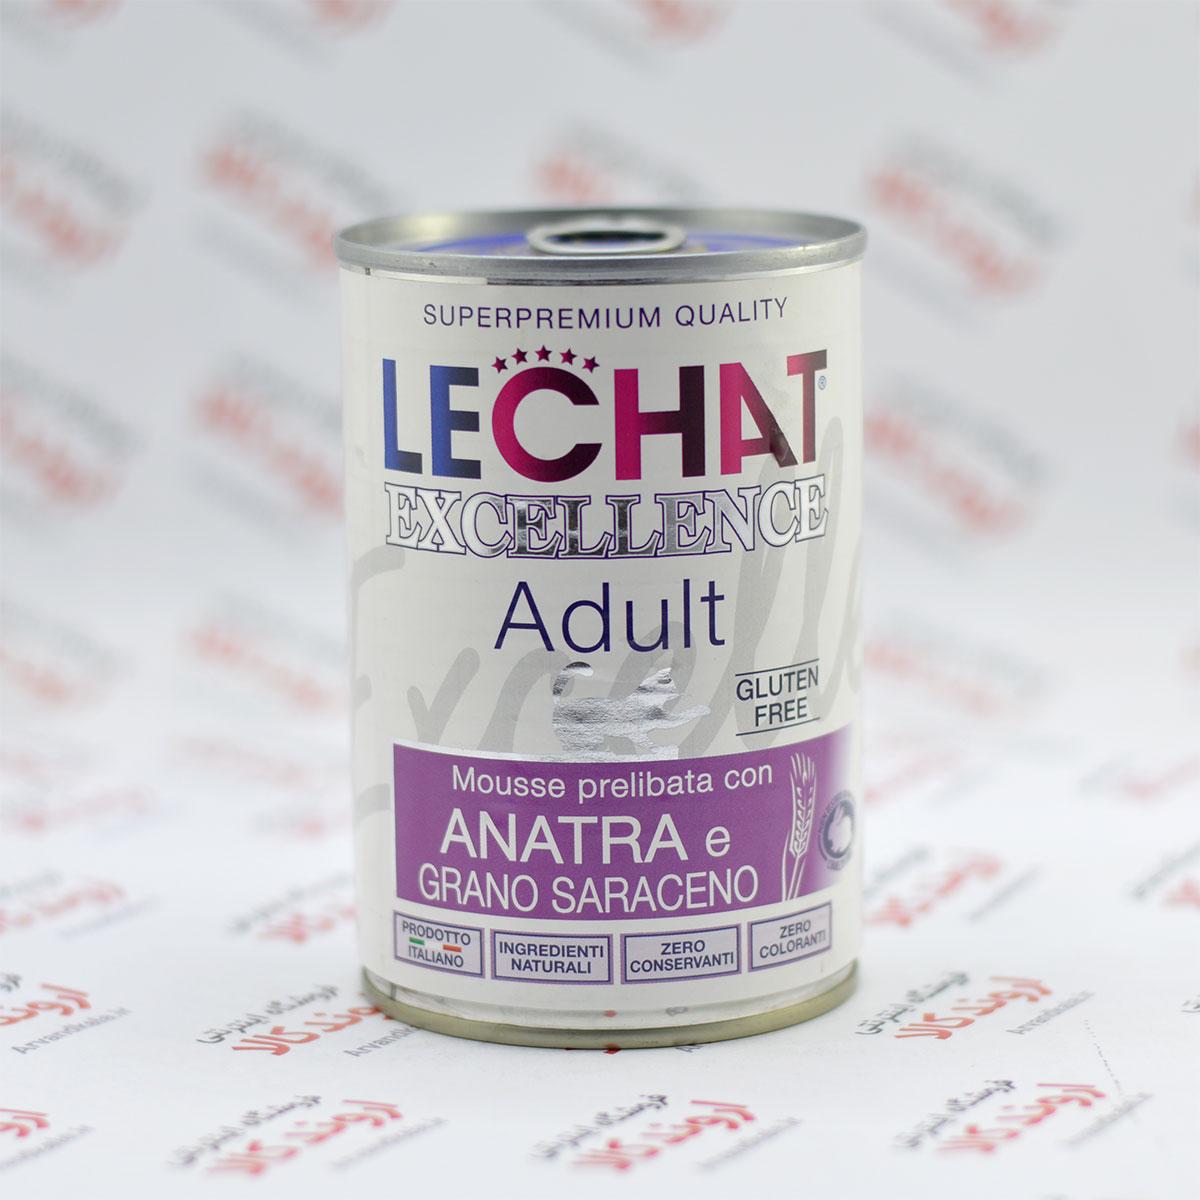 کنسرو غذای گربه لچت Lechat مدل Adult